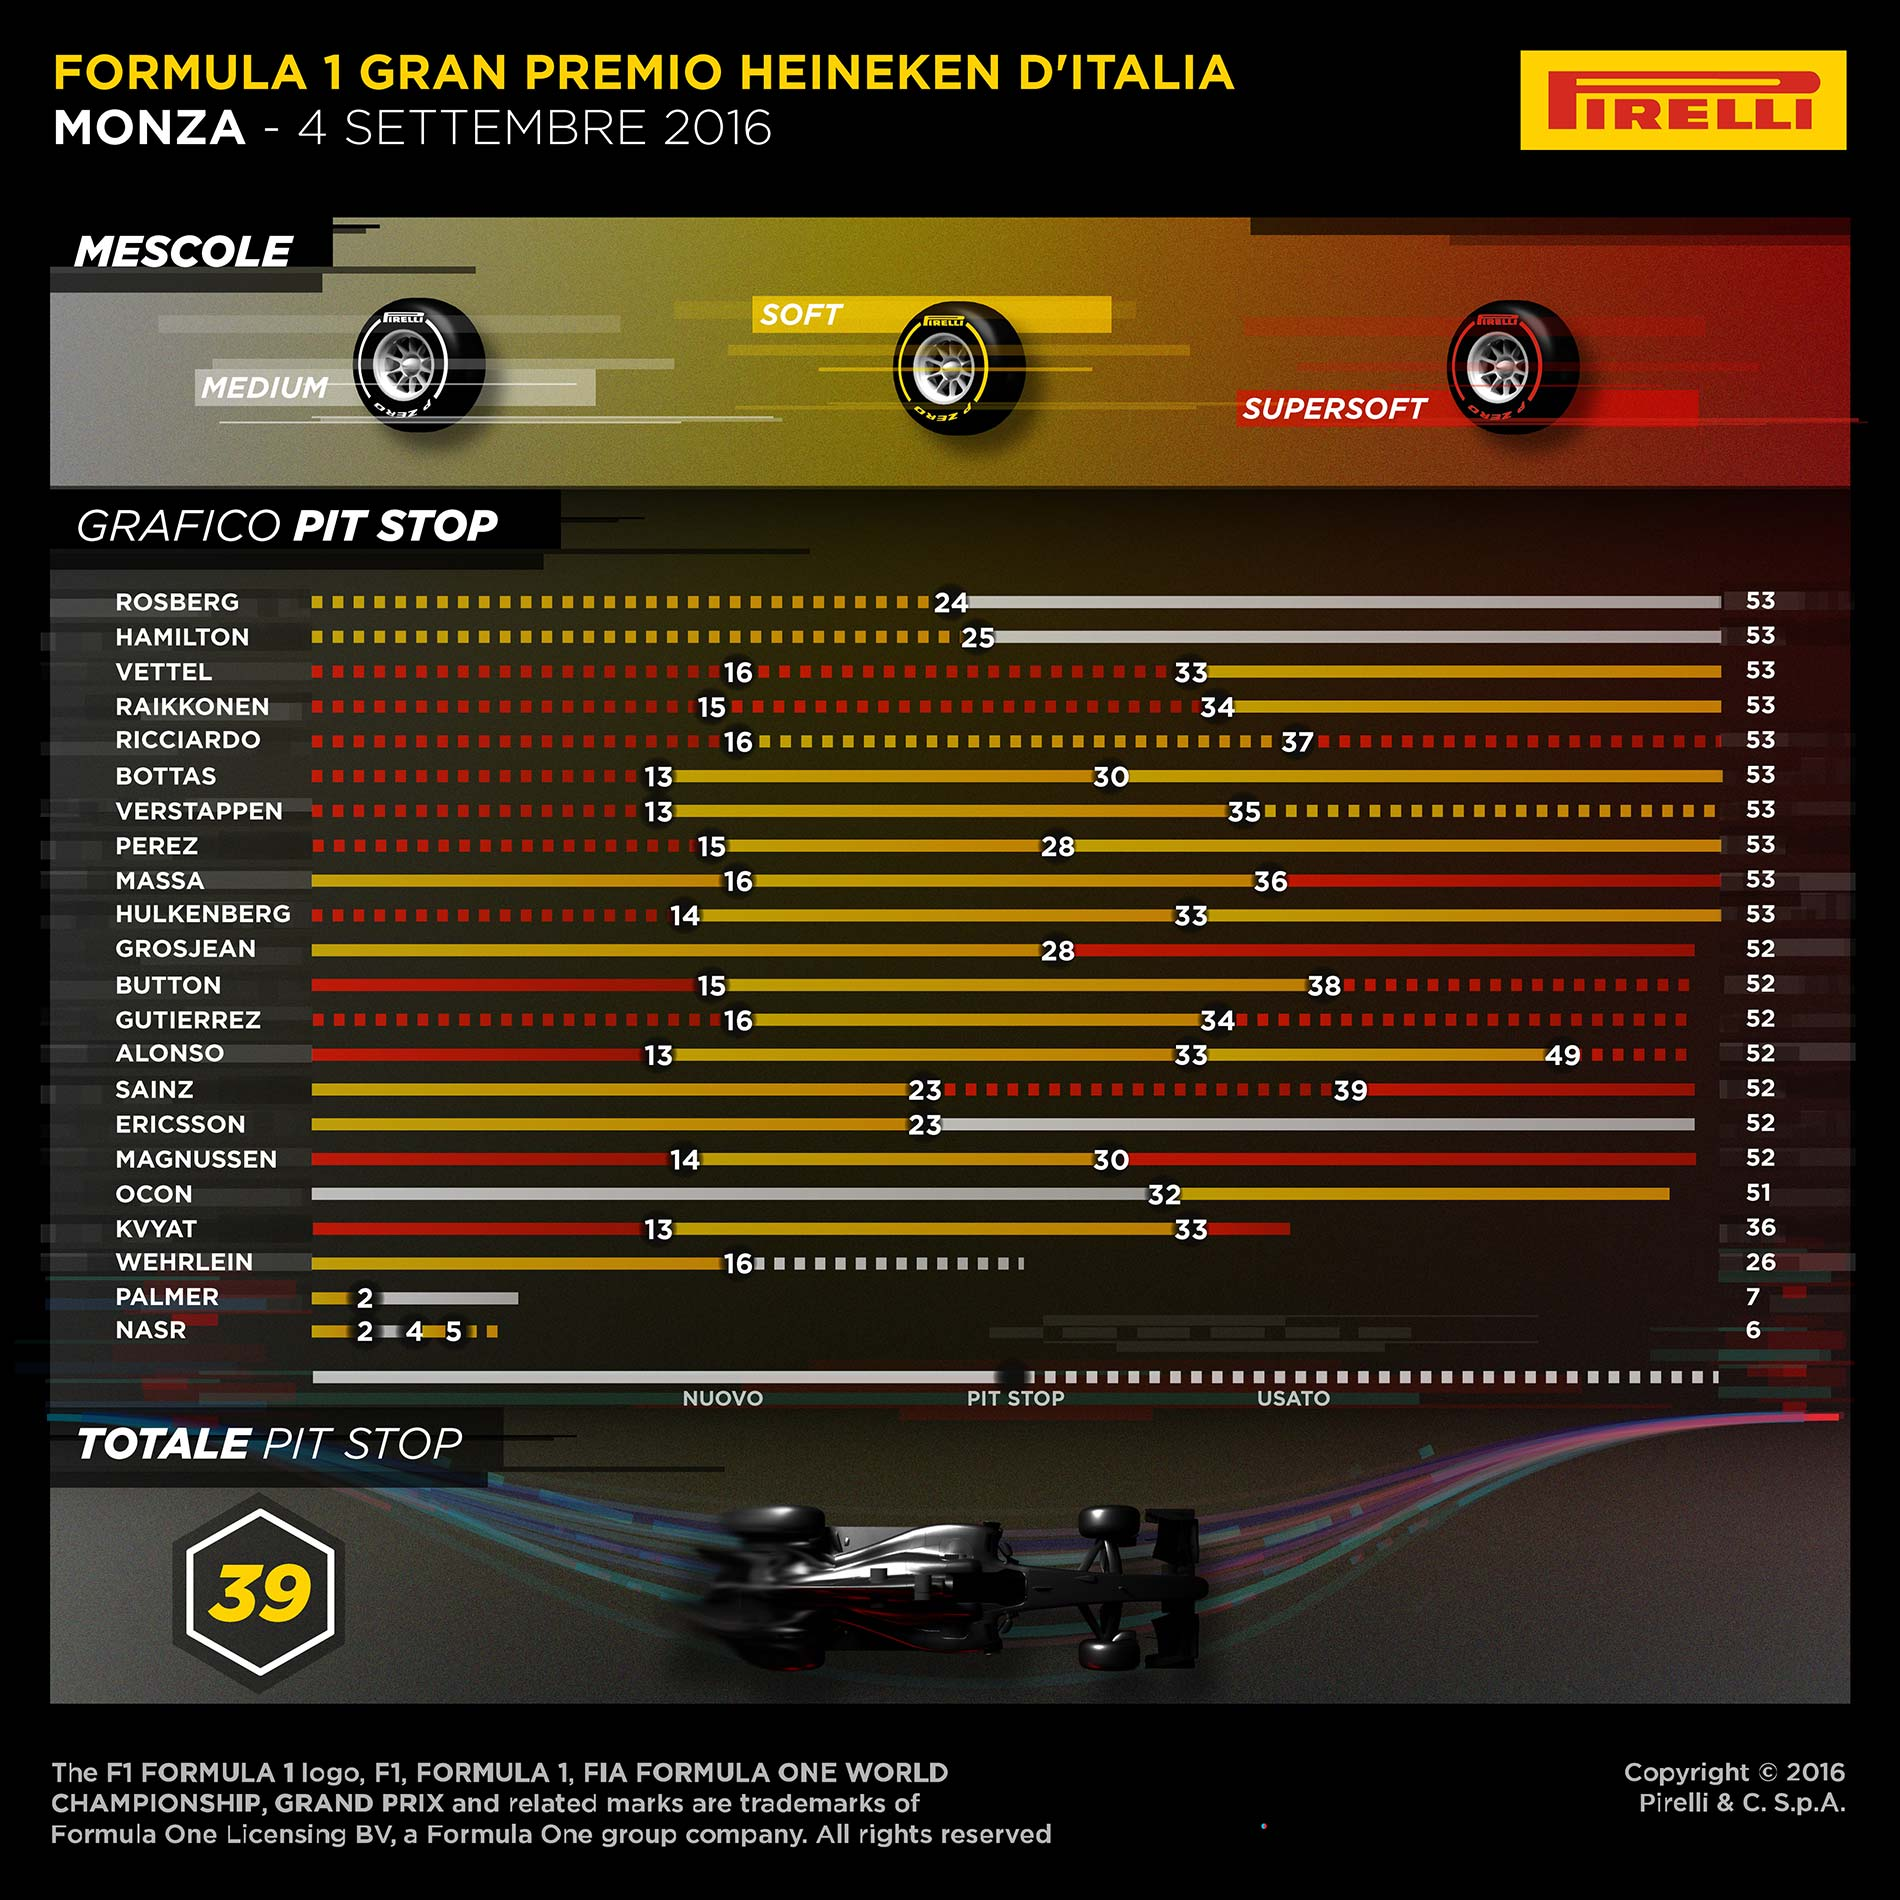 9436_Italian-Race1-IT